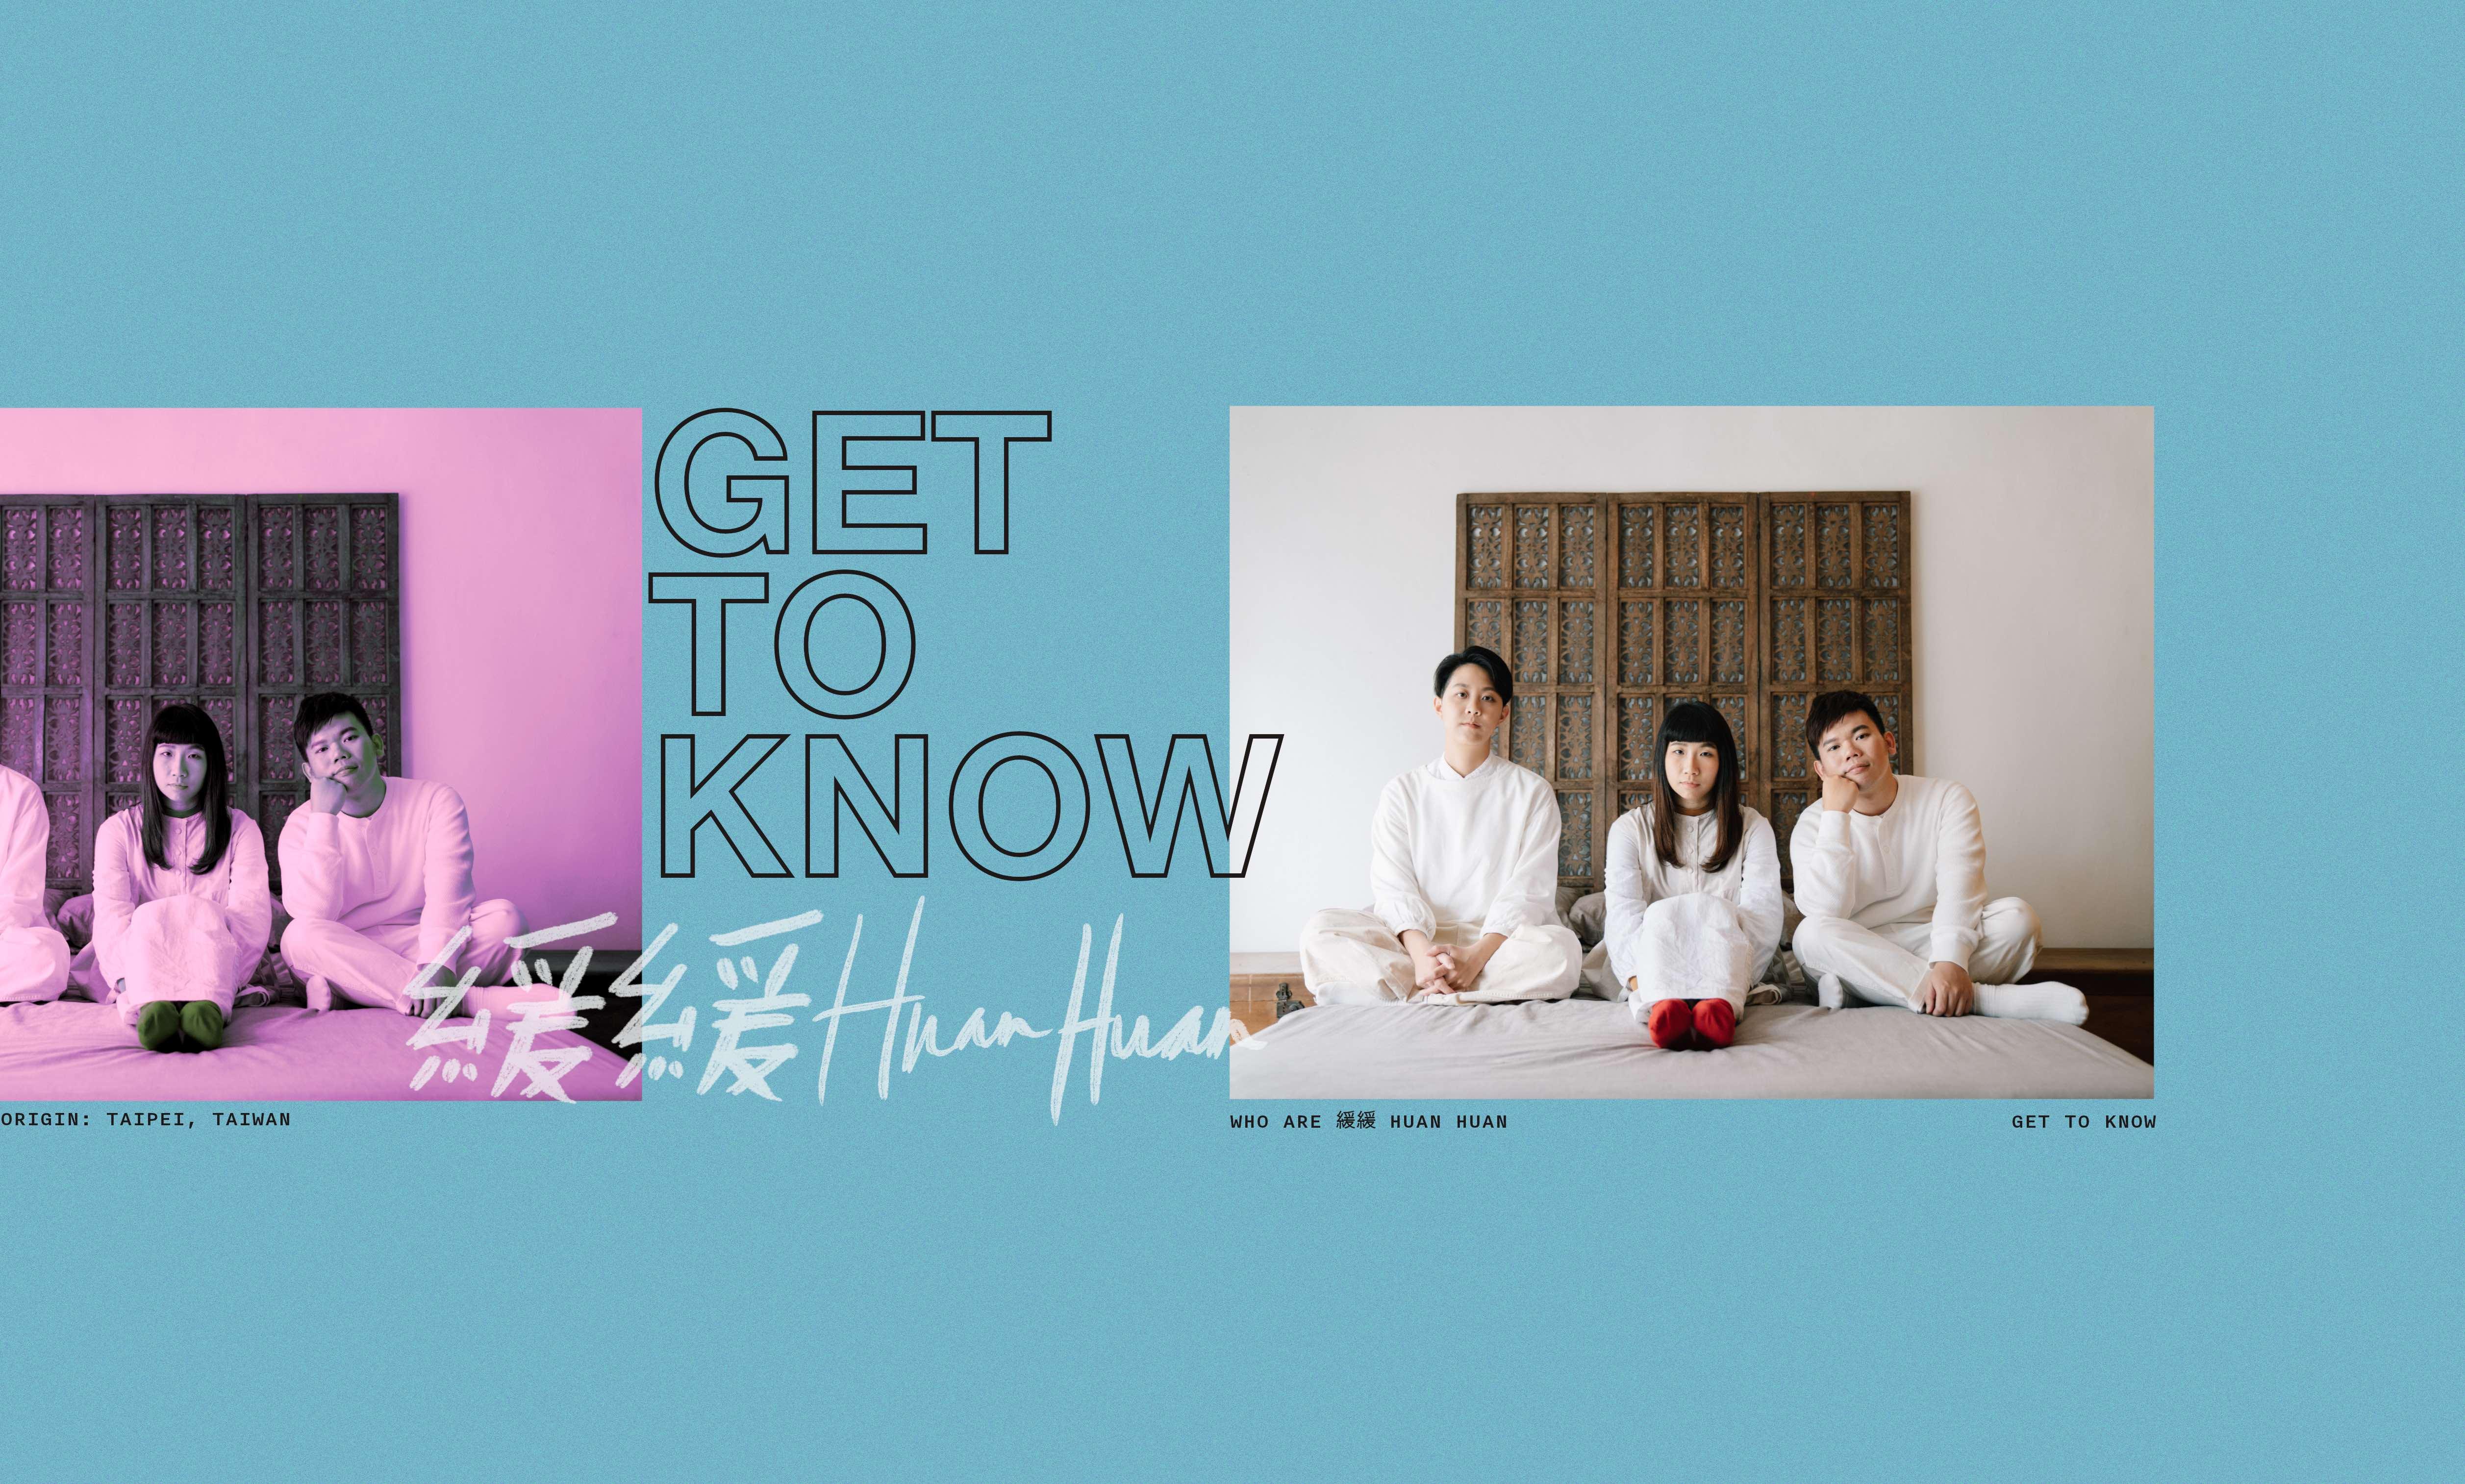 Get To Know: 緩緩 Huan Huan